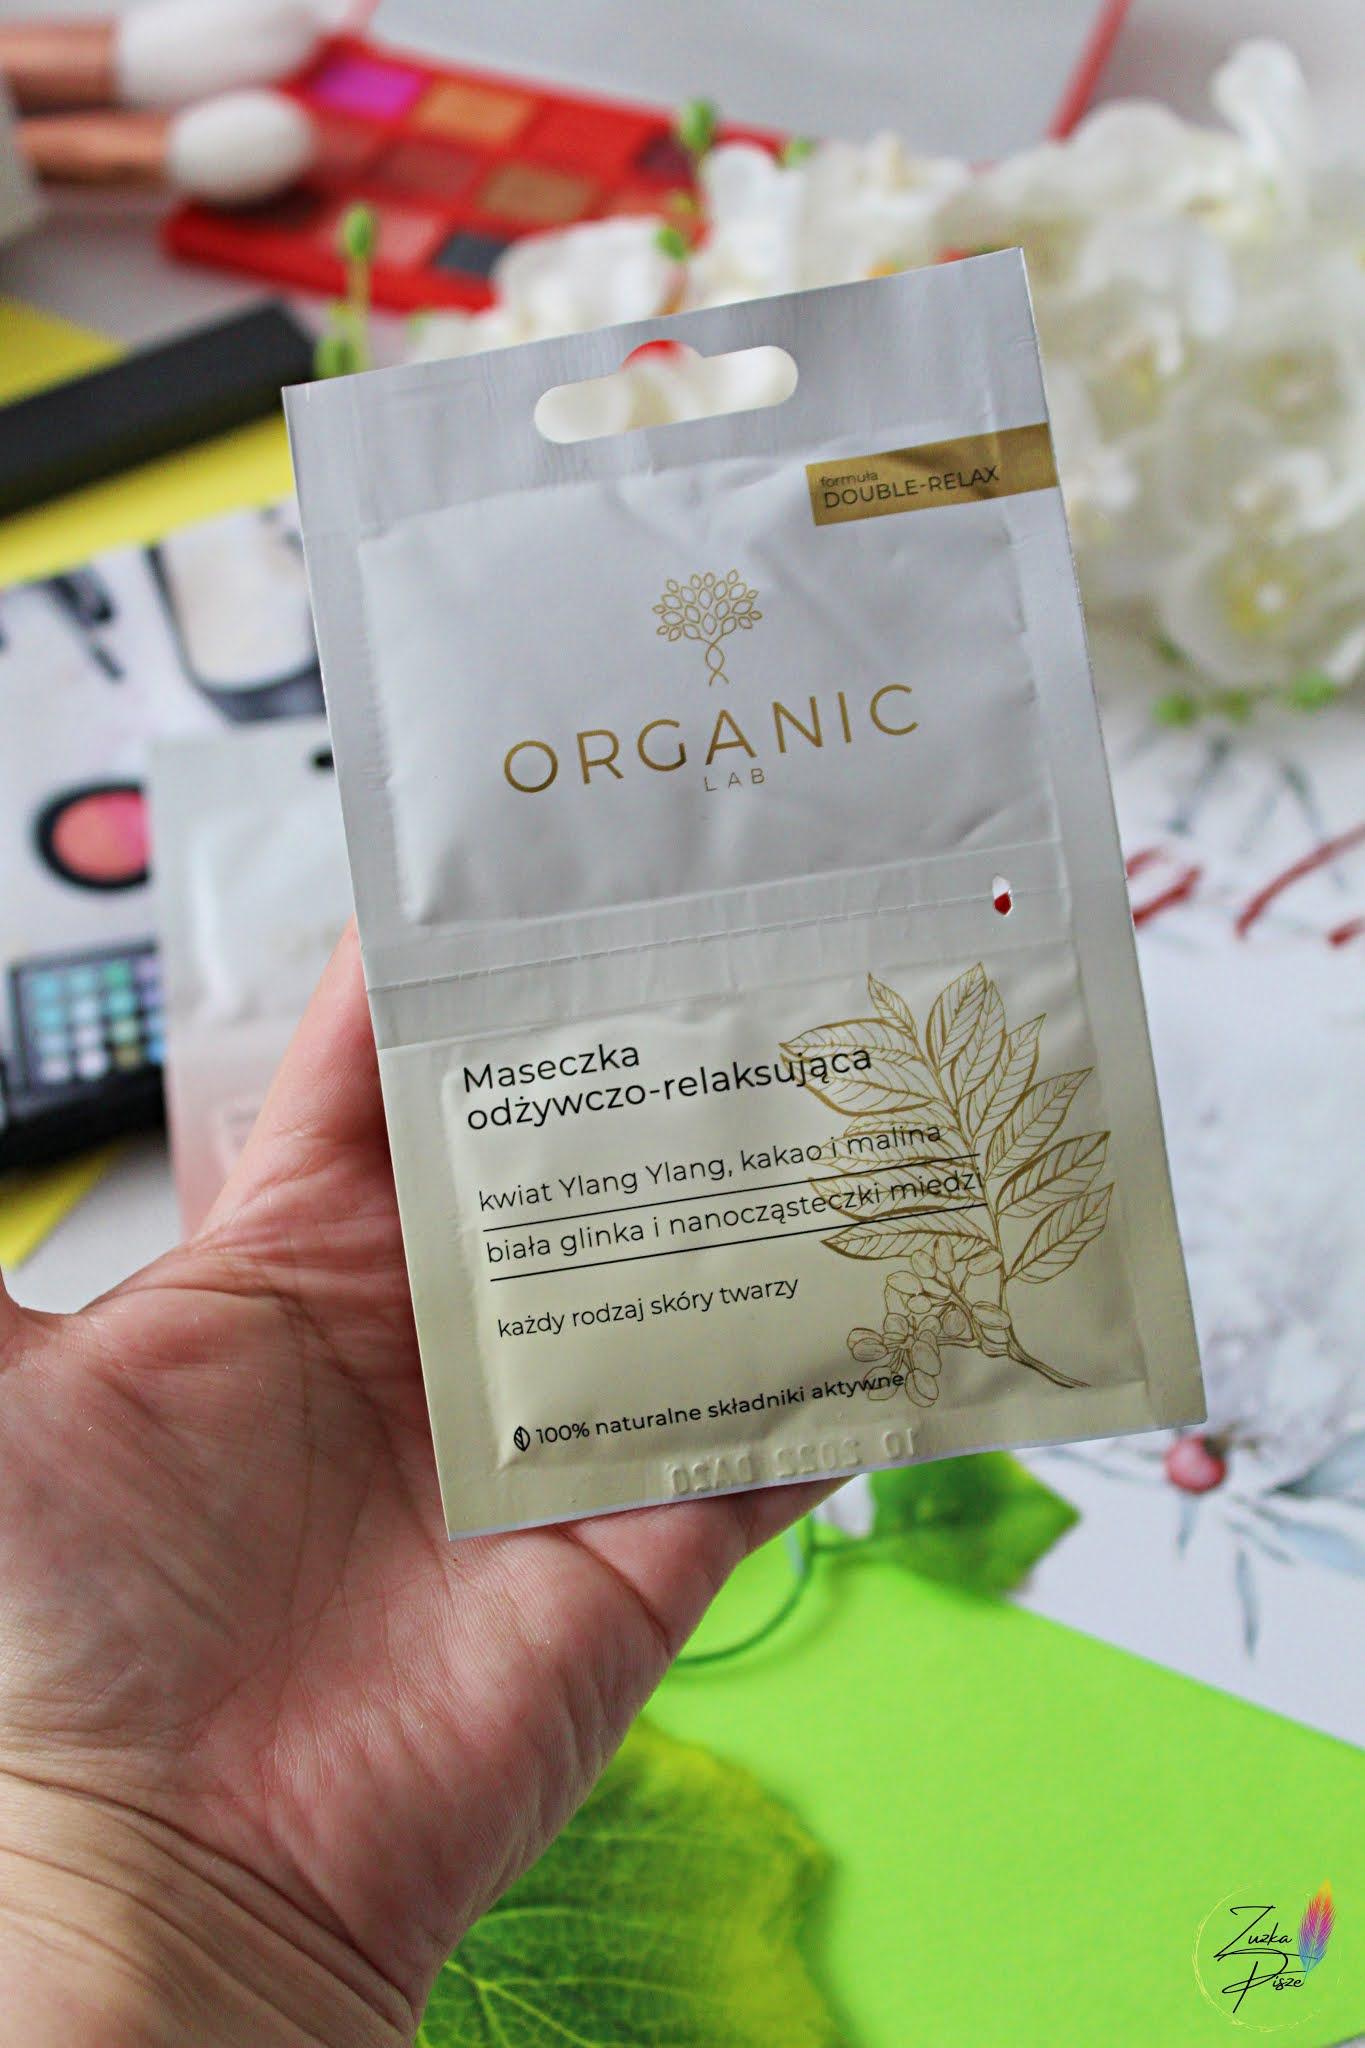 Organic Lab Maseczka odżywczo-relaksująca